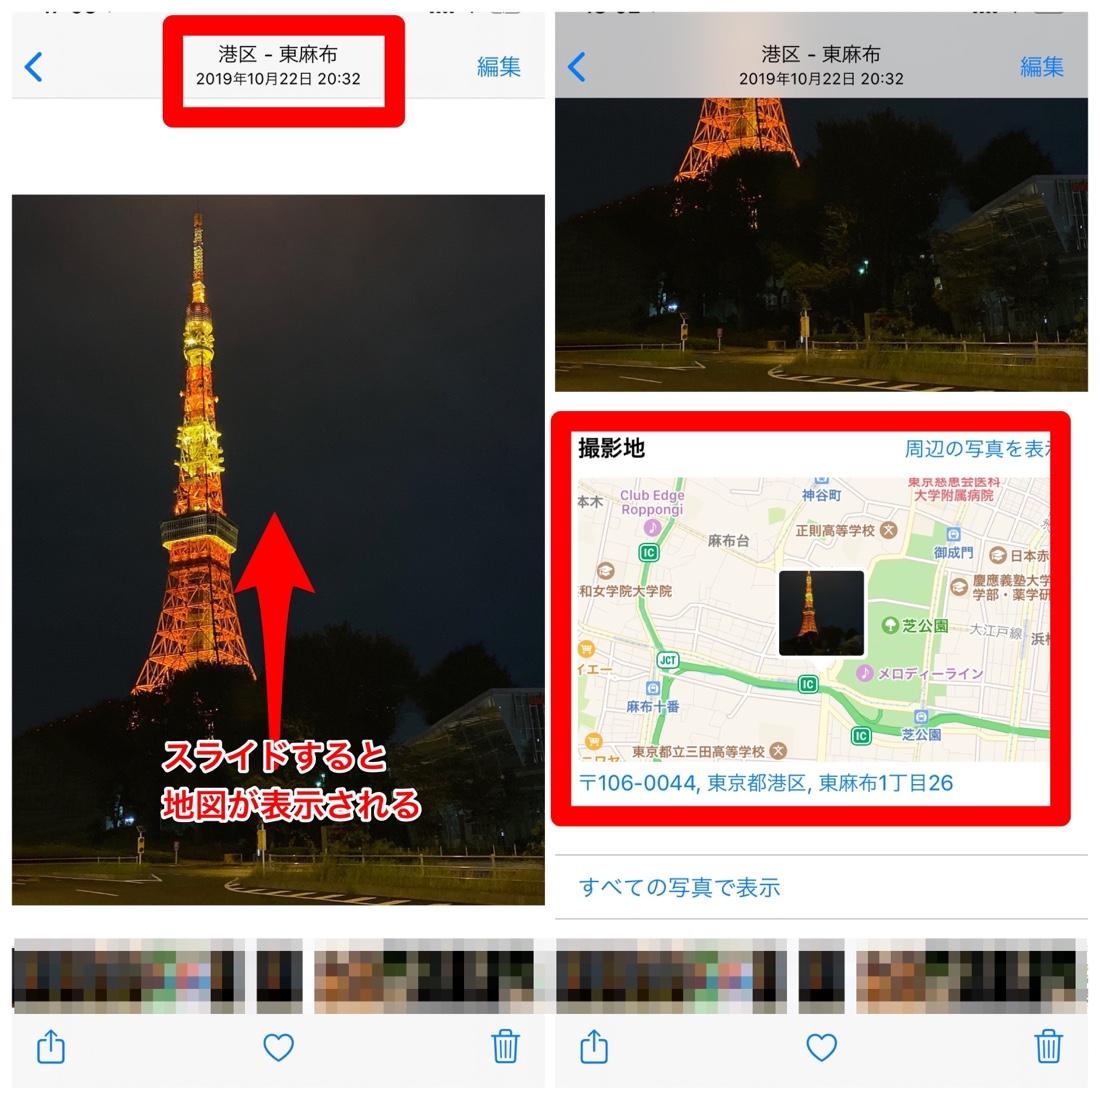 iphoneのカメラロールで位置情報を確認する方法